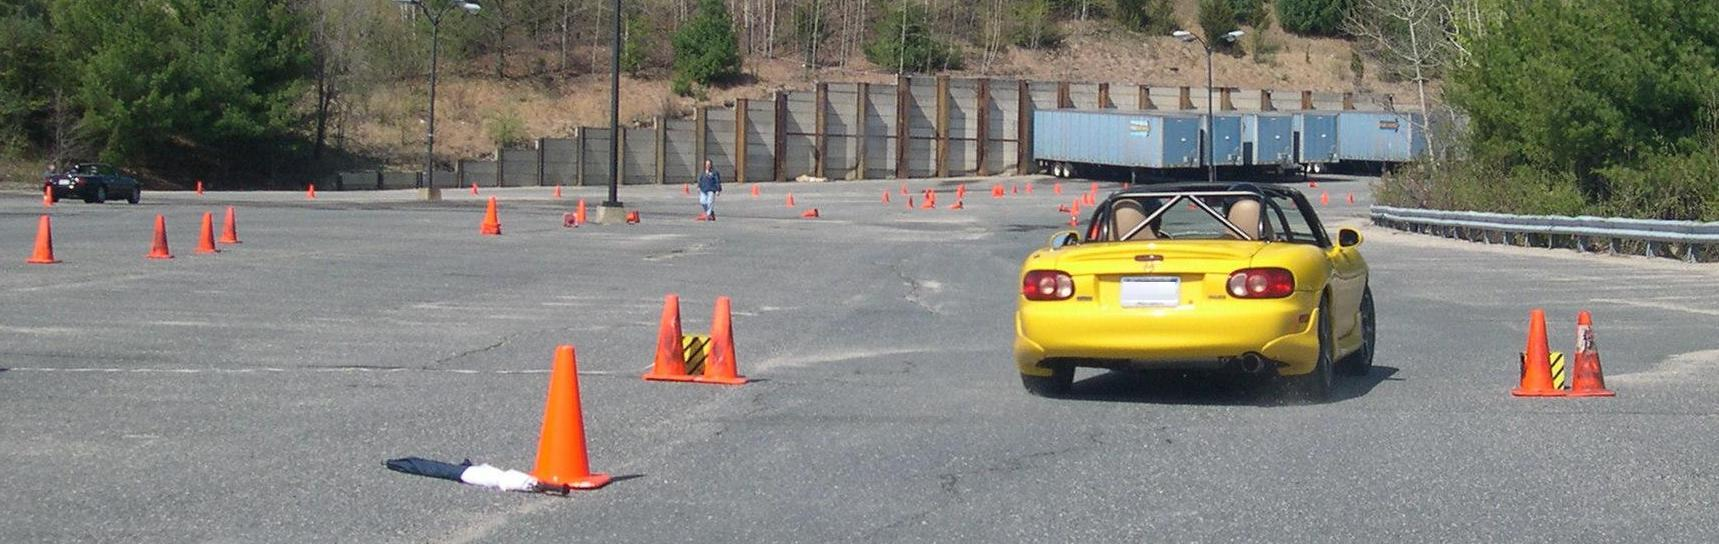 Mazda Miata Autocross Car For Sale